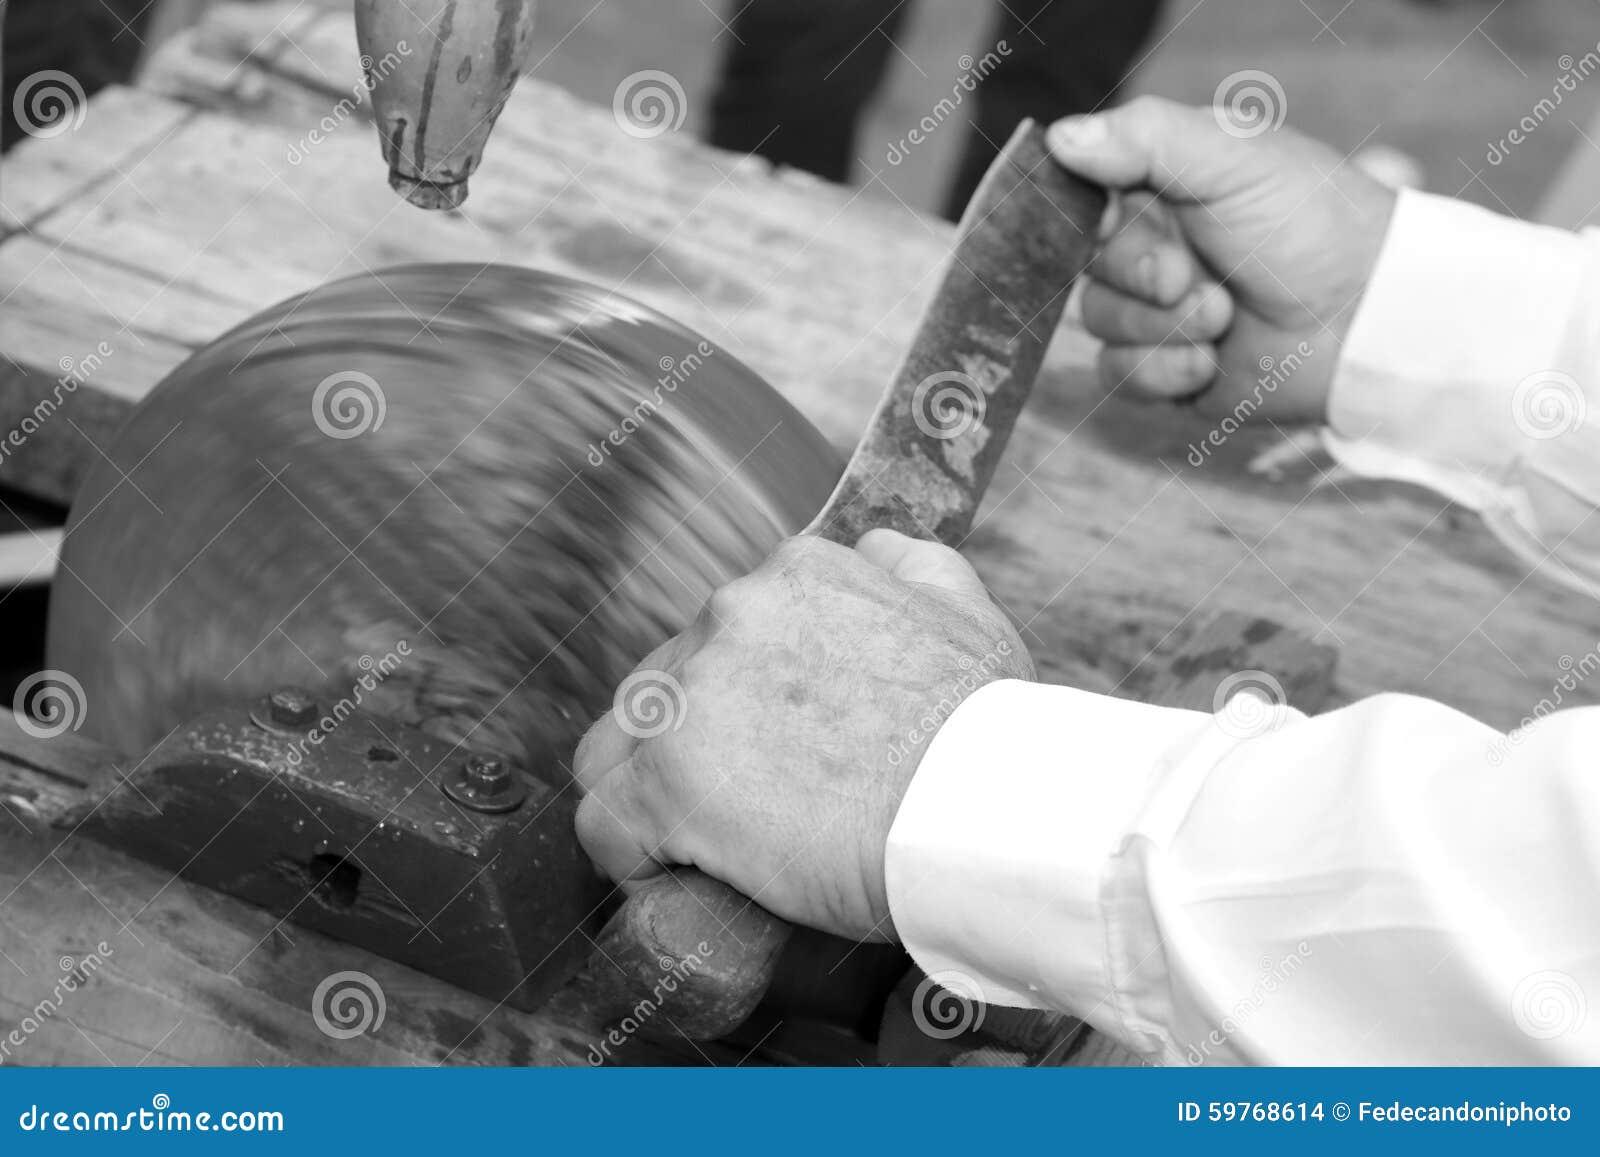 Sacapuntas de cuchillo mientras que afila la cuchilla del cuchillo en el l